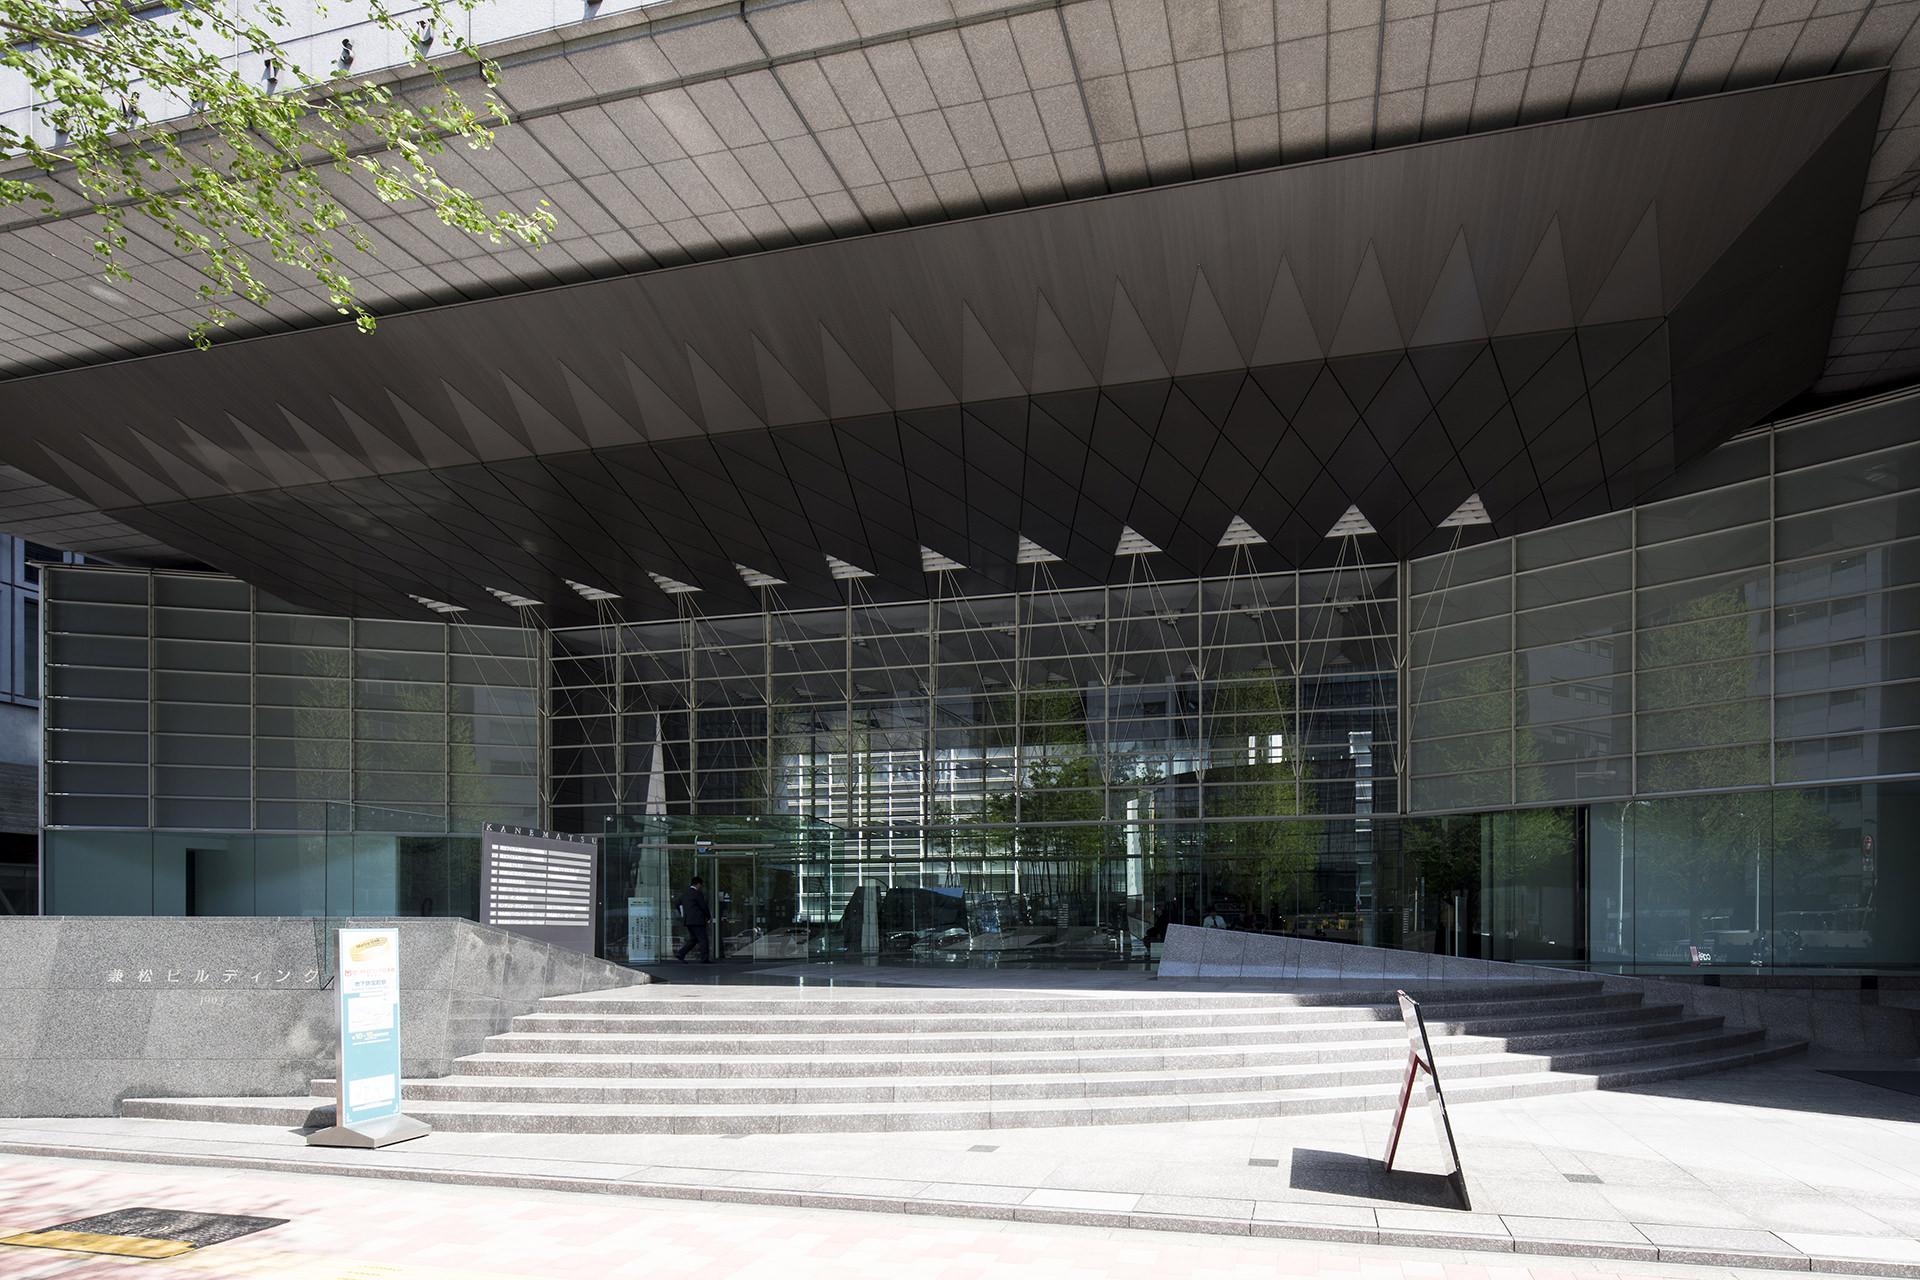 兼松ビルディング 撮影イメージ04 撮影:東涌写真事務所・東涌宏和